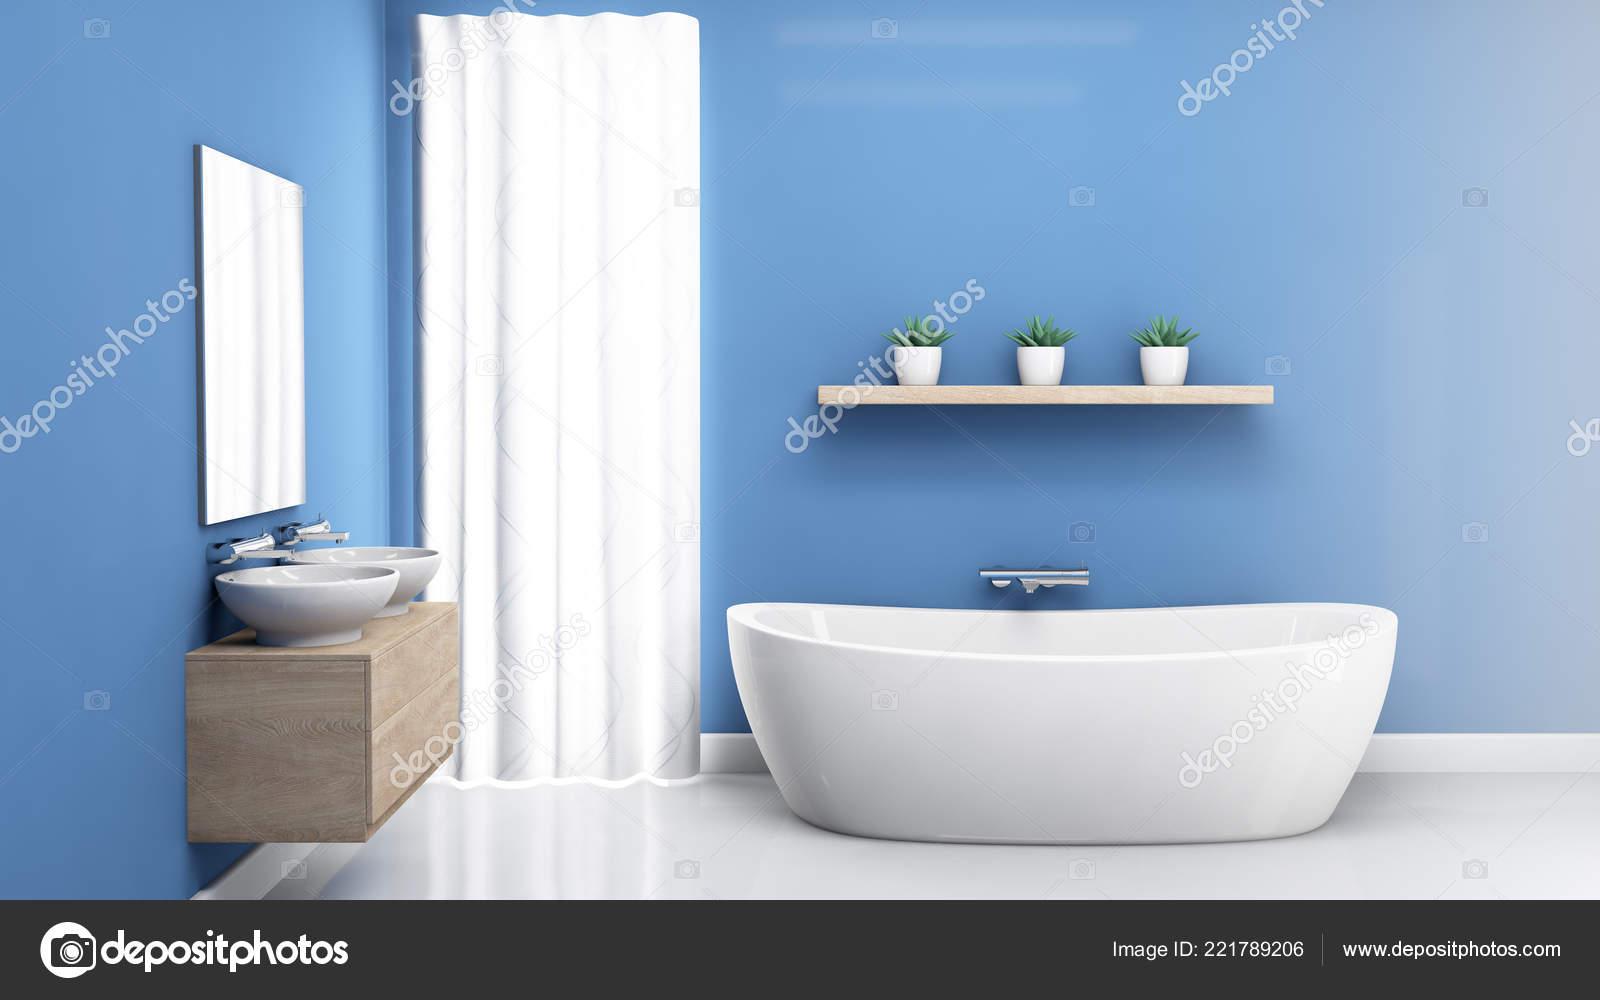 Un Intérieur Du0027une Salle De Bains Avec Le Bleu Des Murs Une Baignoire  Moderne Et Blanche Réfléchissante Planchers 3d   Rendu U2014 Image De Albund